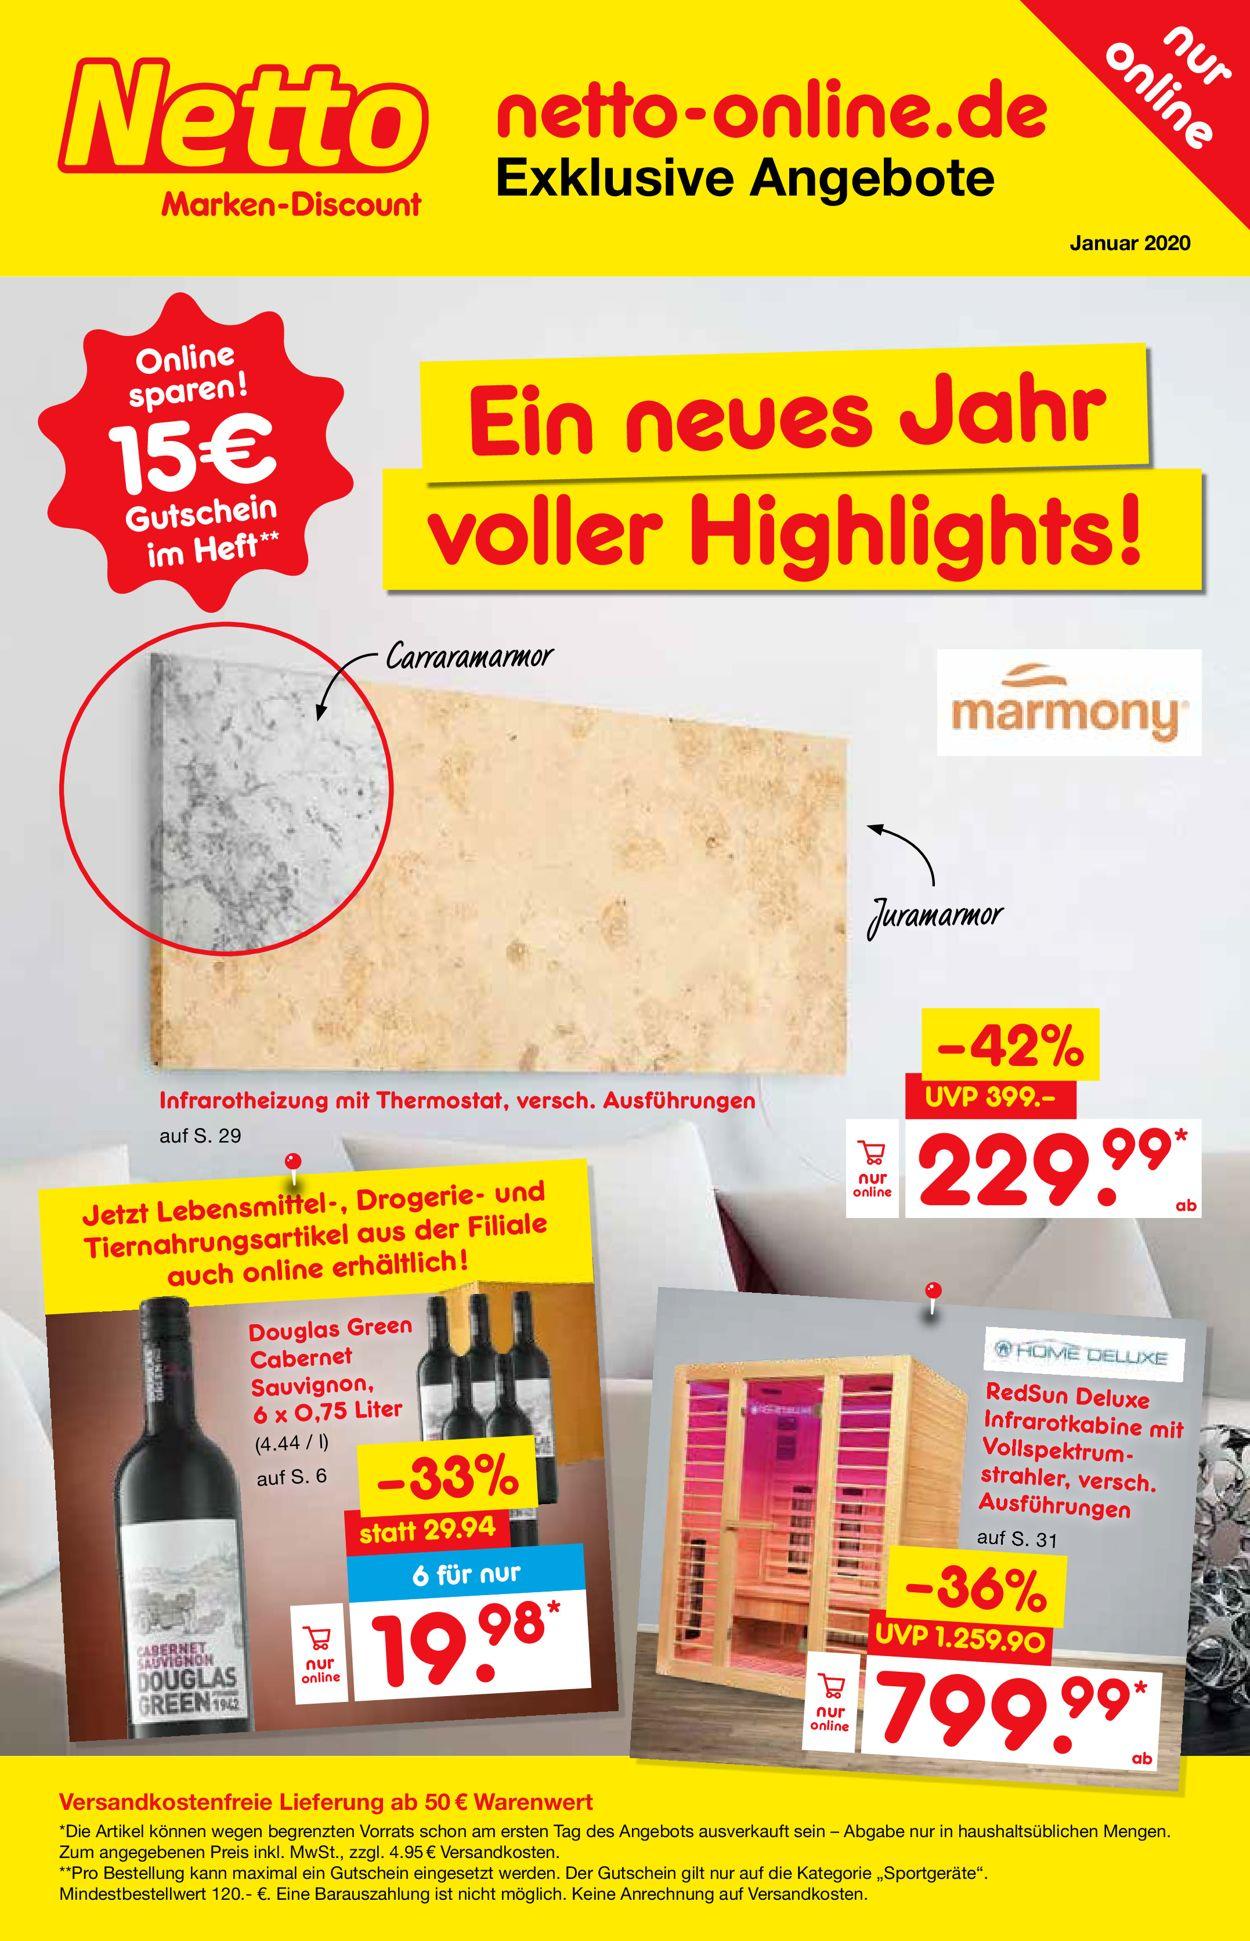 Netto Marken-Discount Prospekt - Aktuell vom 01.01-31.01.2020